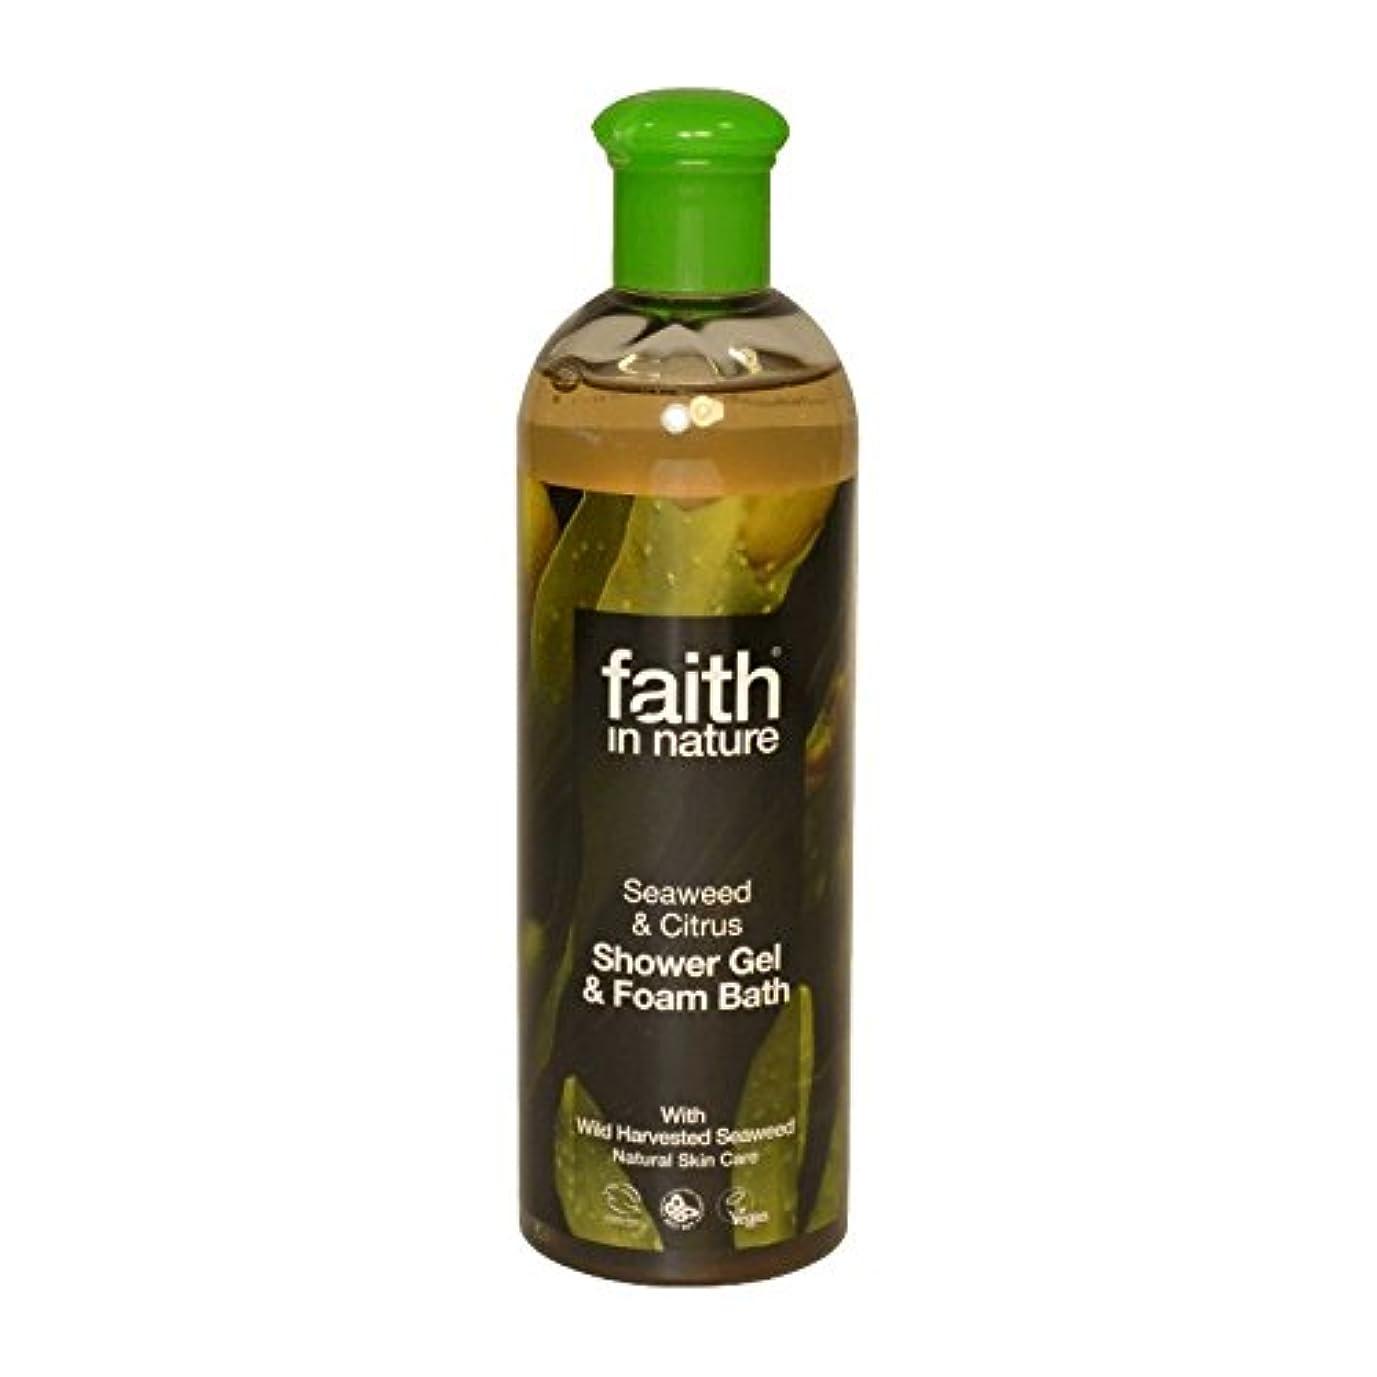 やさしく絶滅させる機関車自然の海藻&シトラスシャワージェル&バス泡400ミリリットルの信仰 - Faith in Nature Seaweed & Citrus Shower Gel & Bath Foam 400ml (Faith in Nature) [並行輸入品]